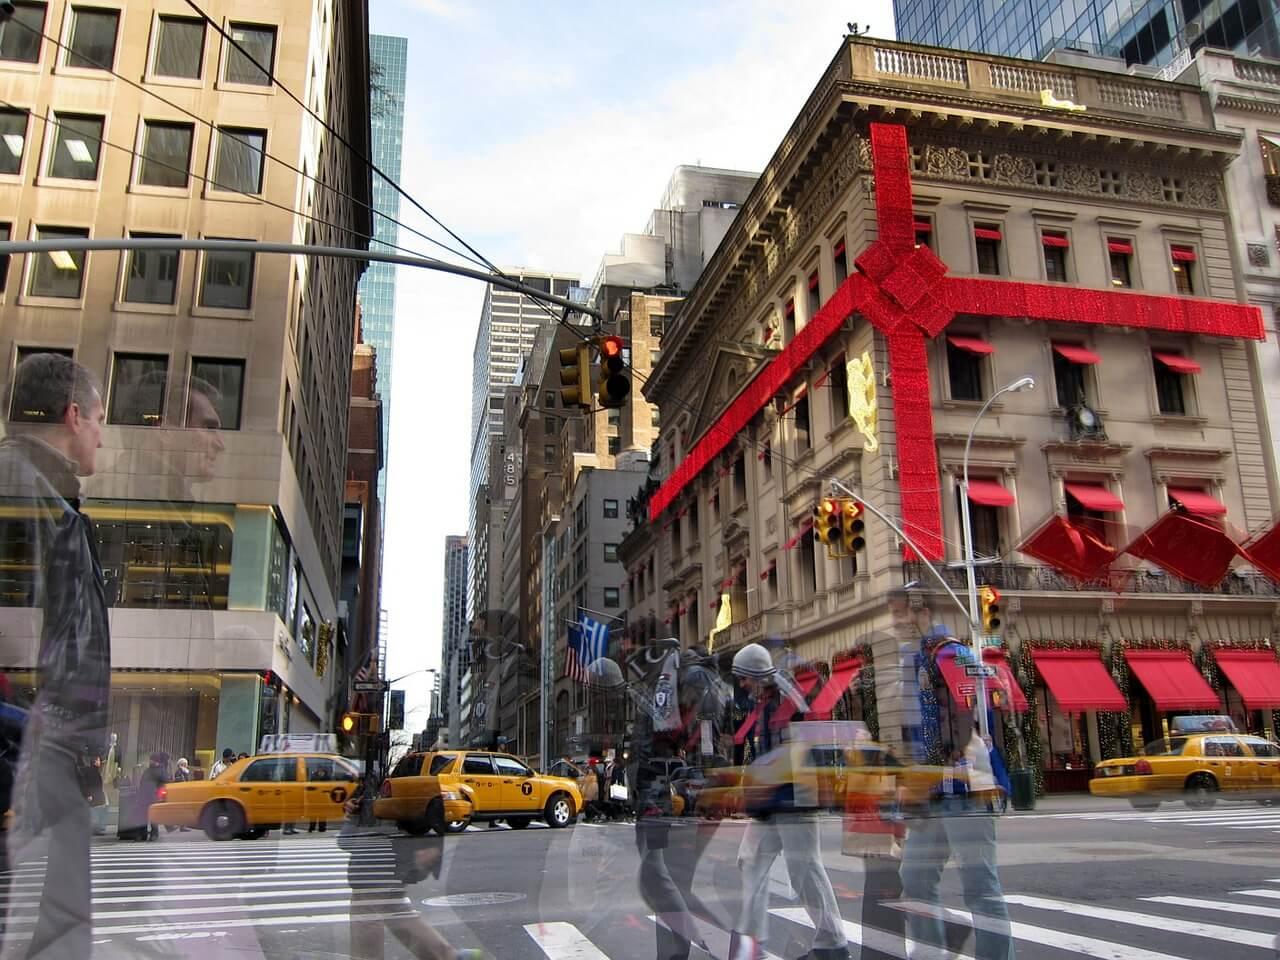 Nova York a pé. Transporte em New York, explicamos para você como funciona